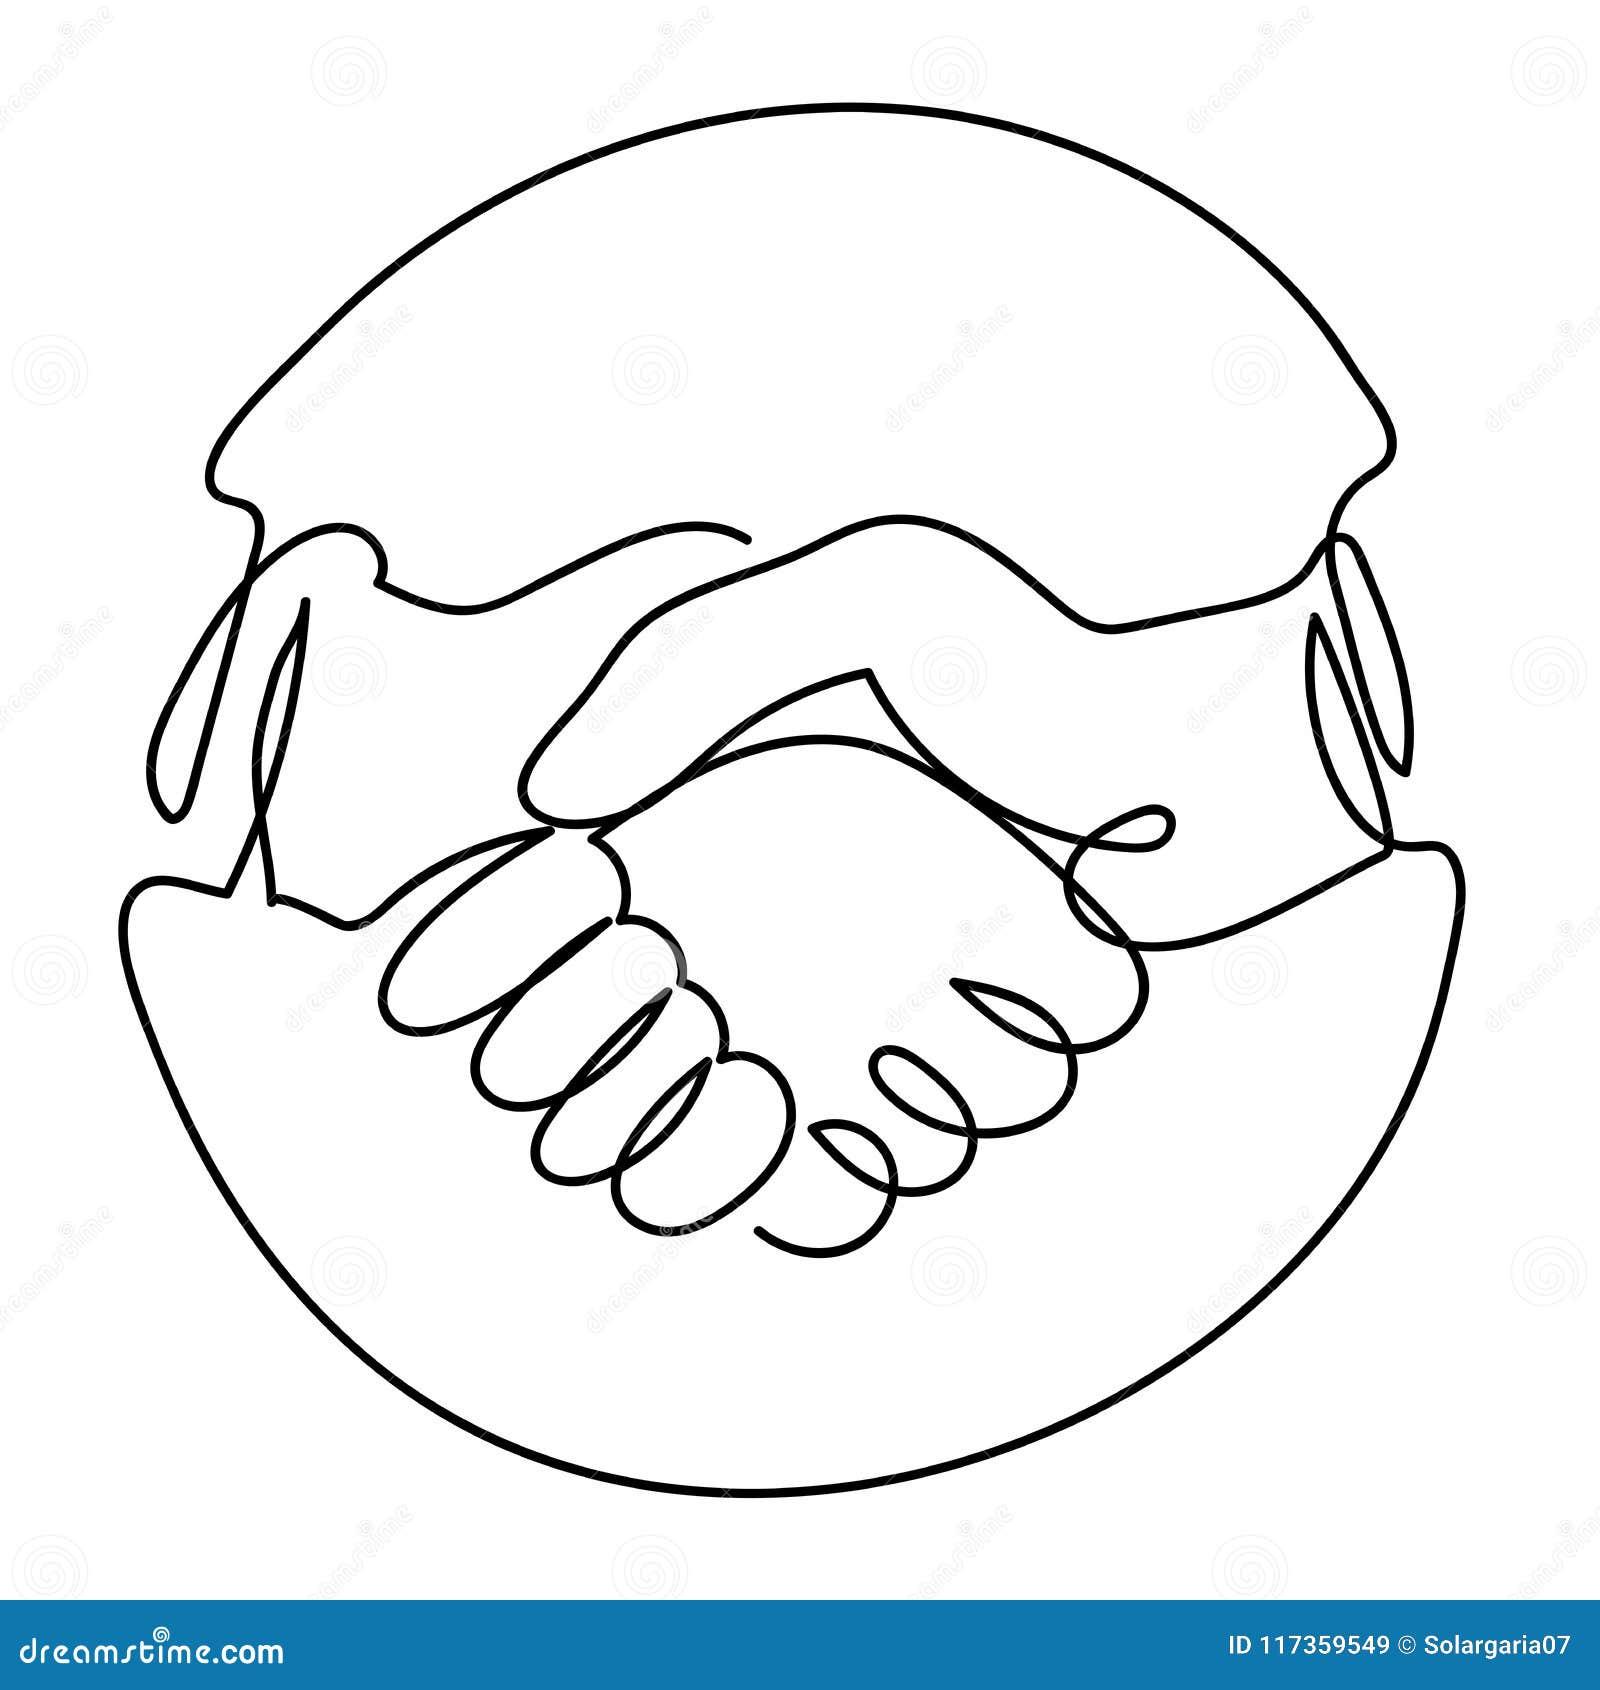 En linje teckning av handskakningsymbol i cirkel